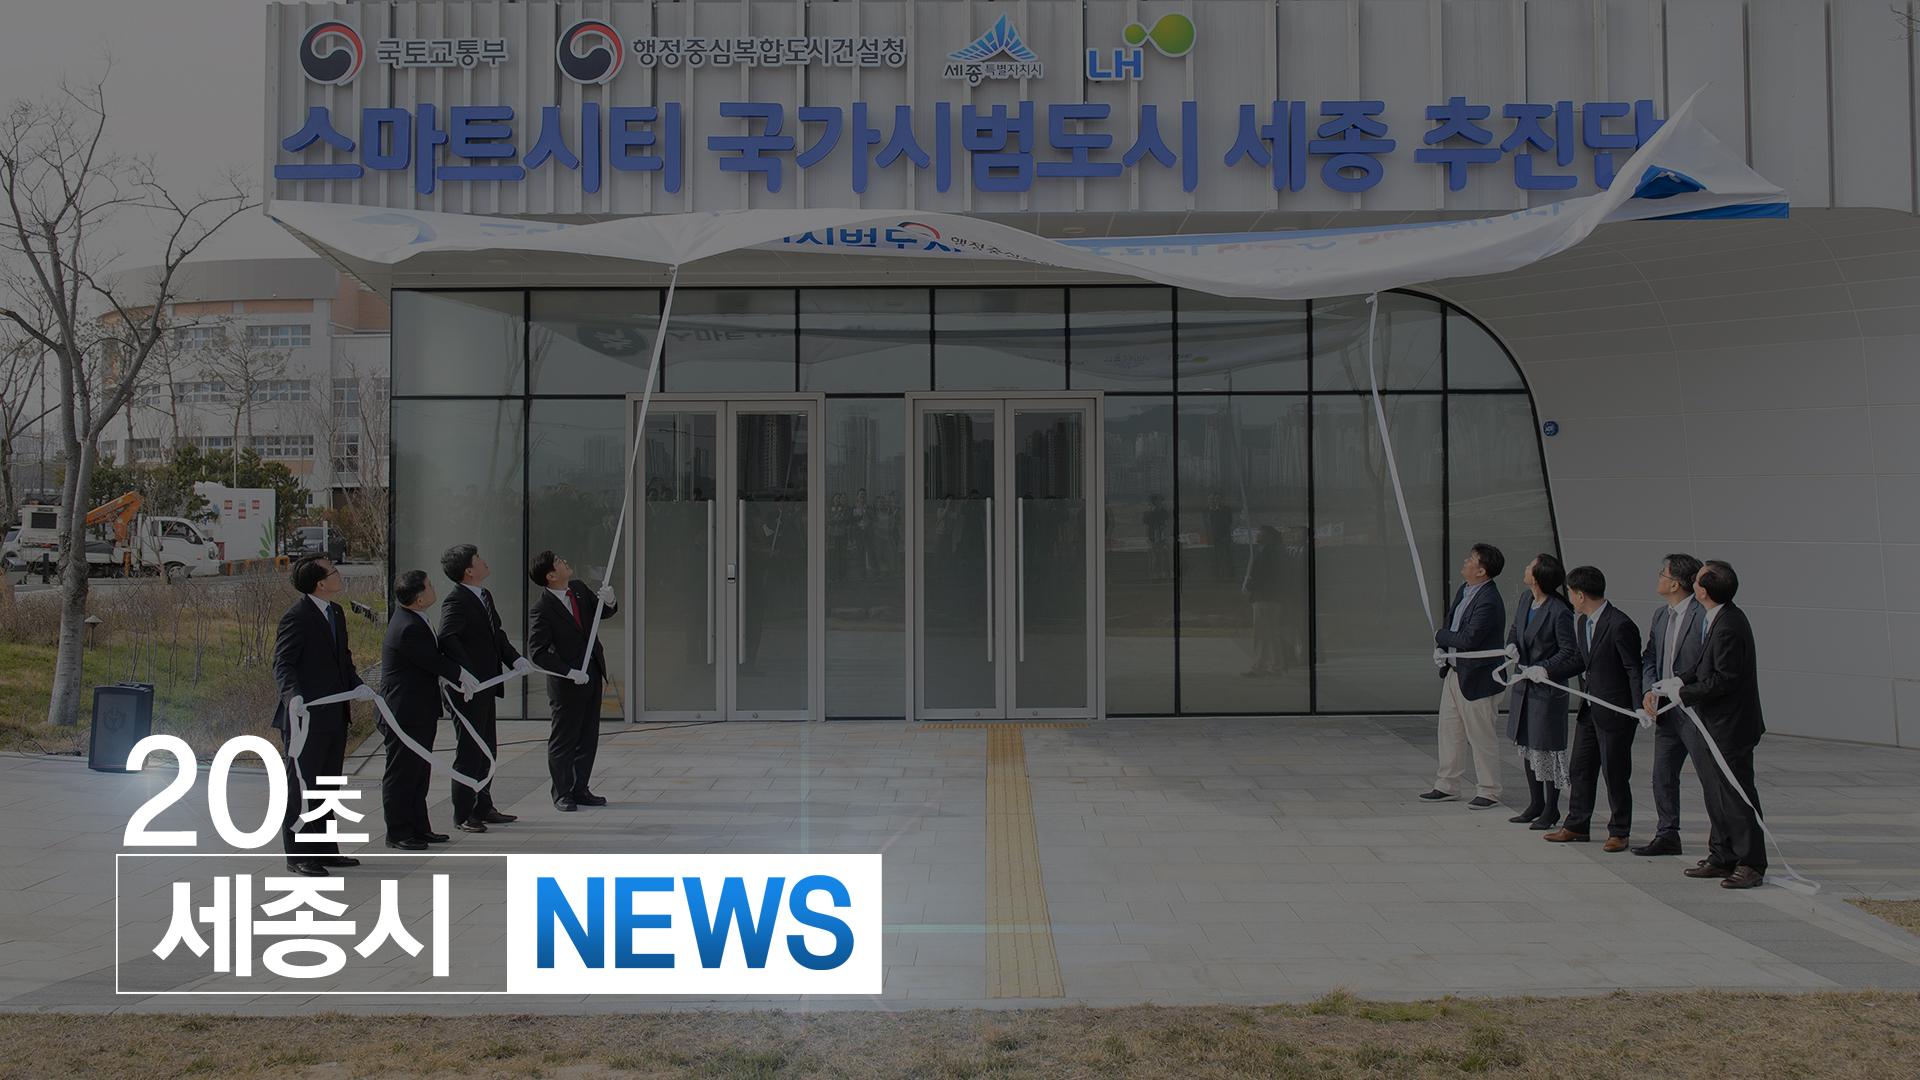 <20초뉴스> 국가 시범도시 세종 추진단 출범